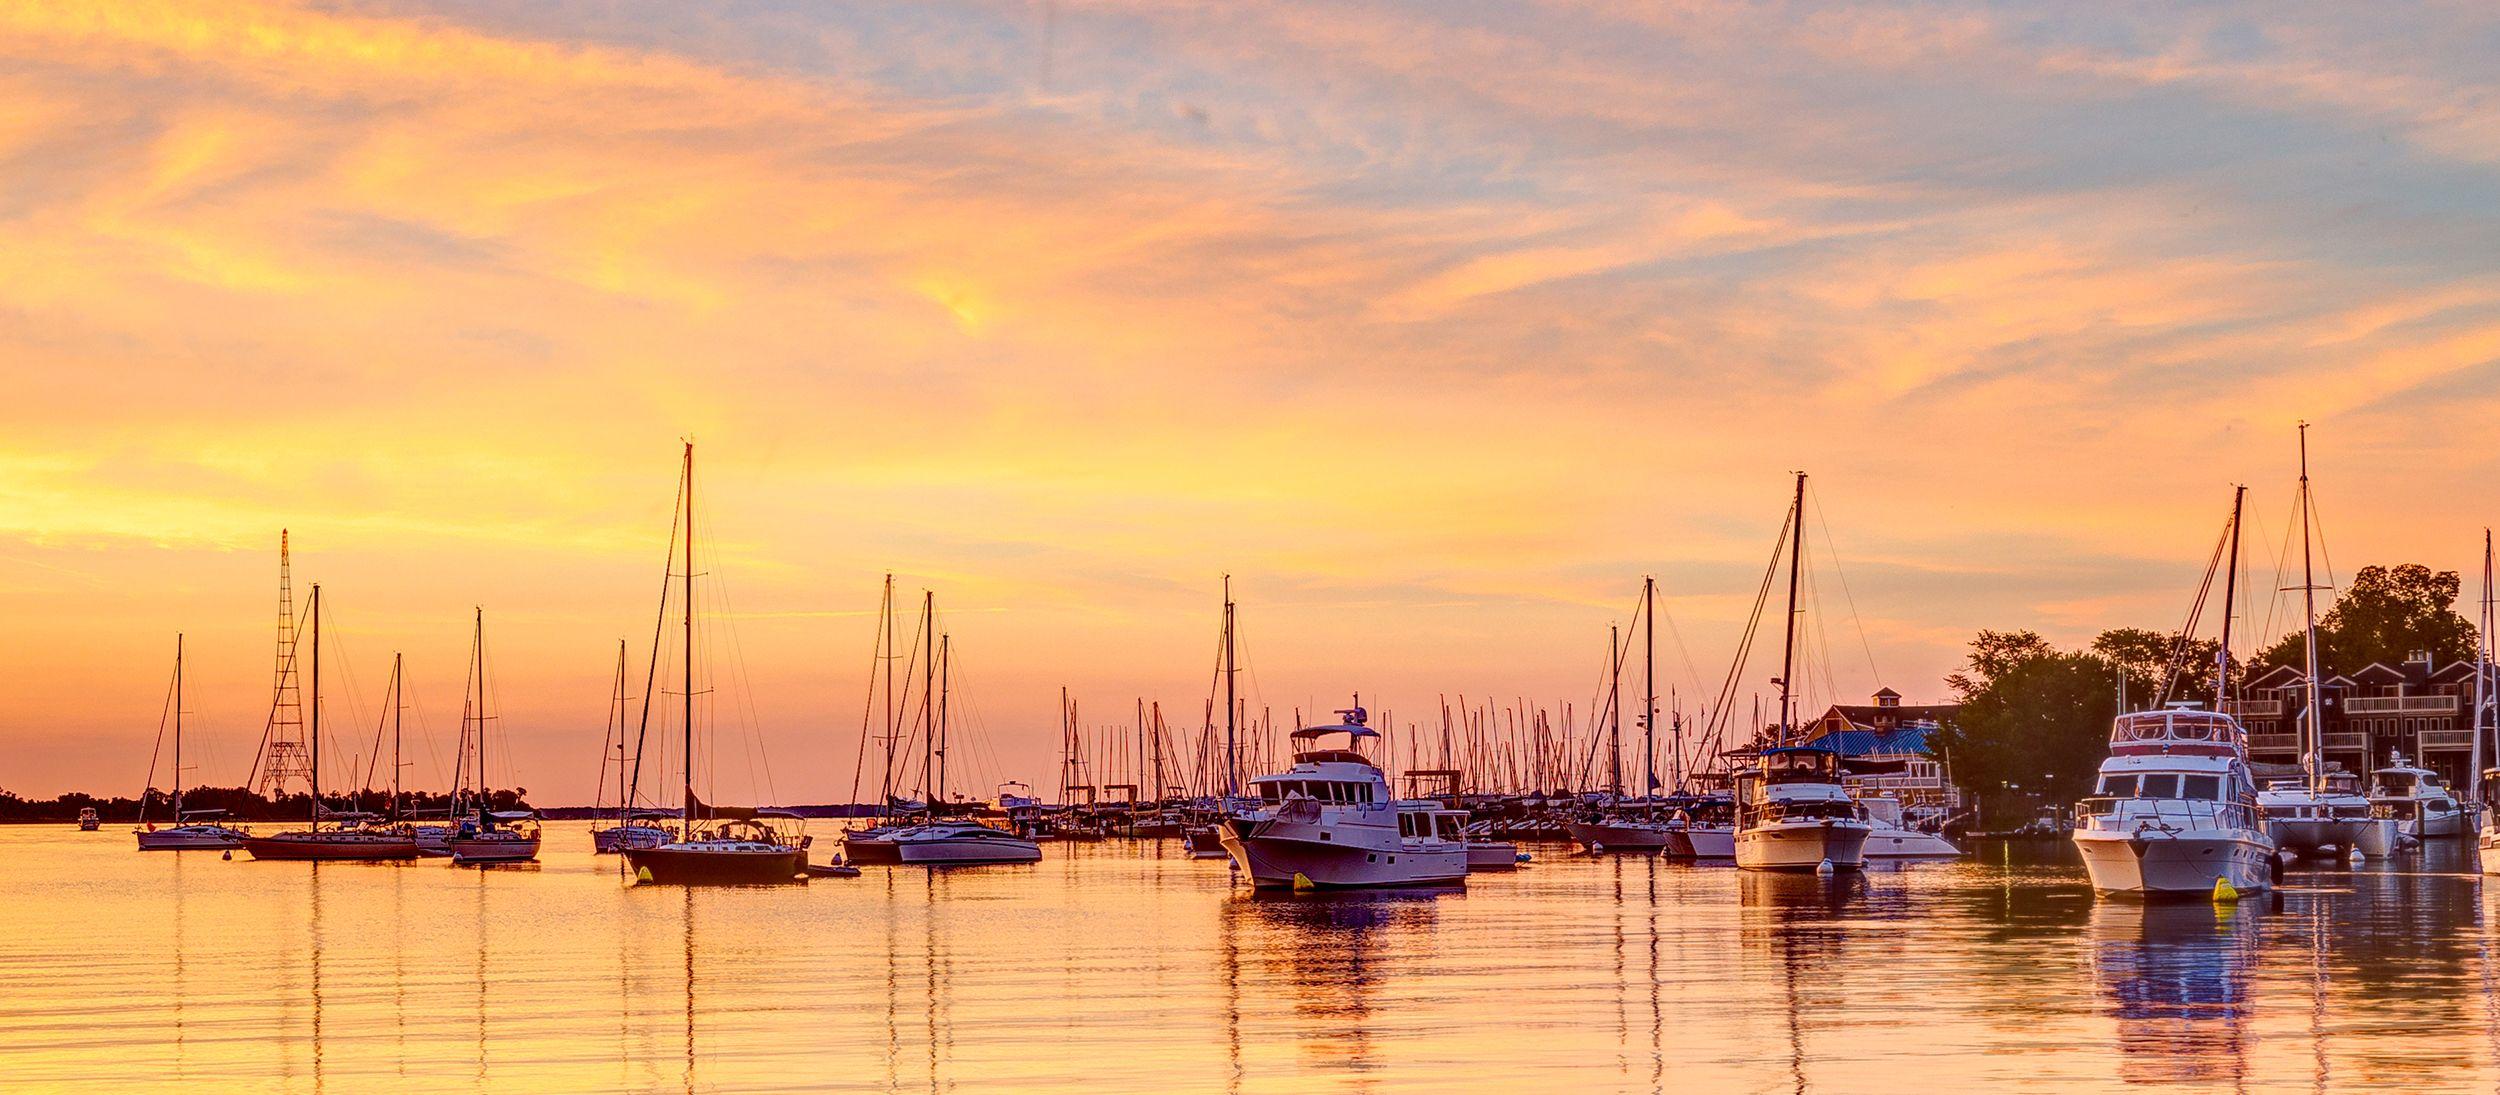 Sonnenaufgang über dem Hafen von Annapolis, Maryland